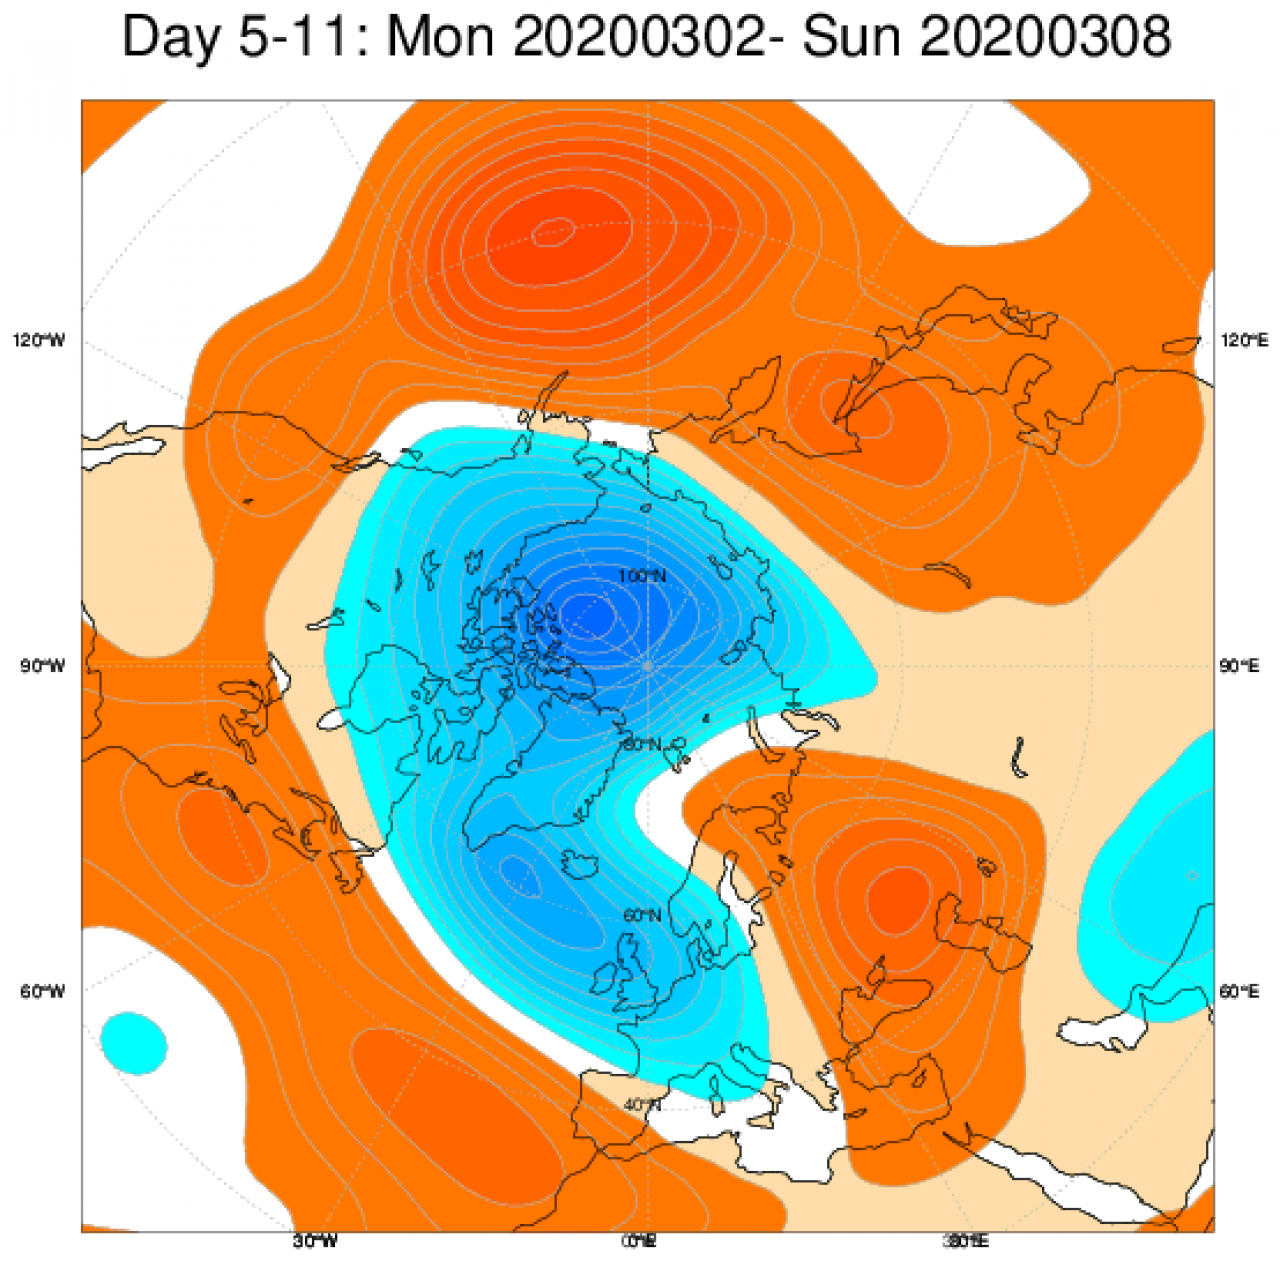 Media di ensemble del modello inglese ECMWF relativa all'anomalia di Altezza di Geopotenziale a 500 hPa (circa 5.500 metri) per il periodo 2-8 marzo 2020